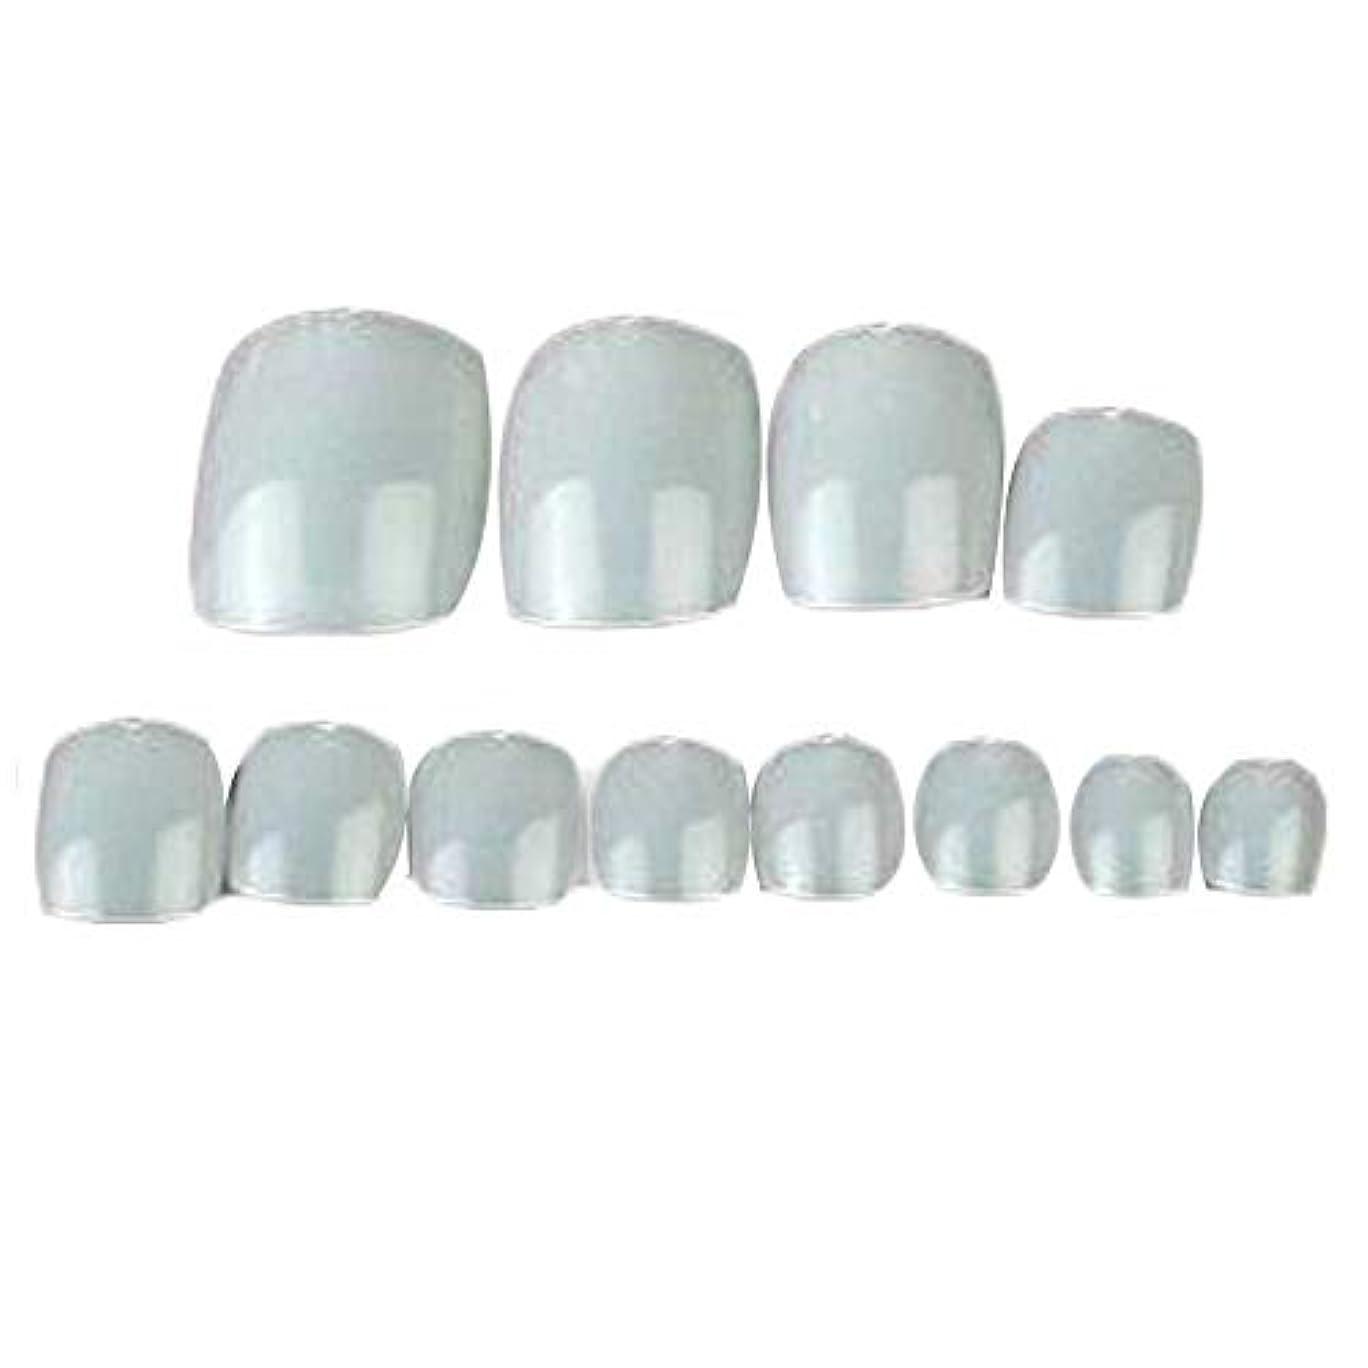 優雅な組み立てる該当する500個のナチュラルカラー人工爪のヒントフルカバー偽爪